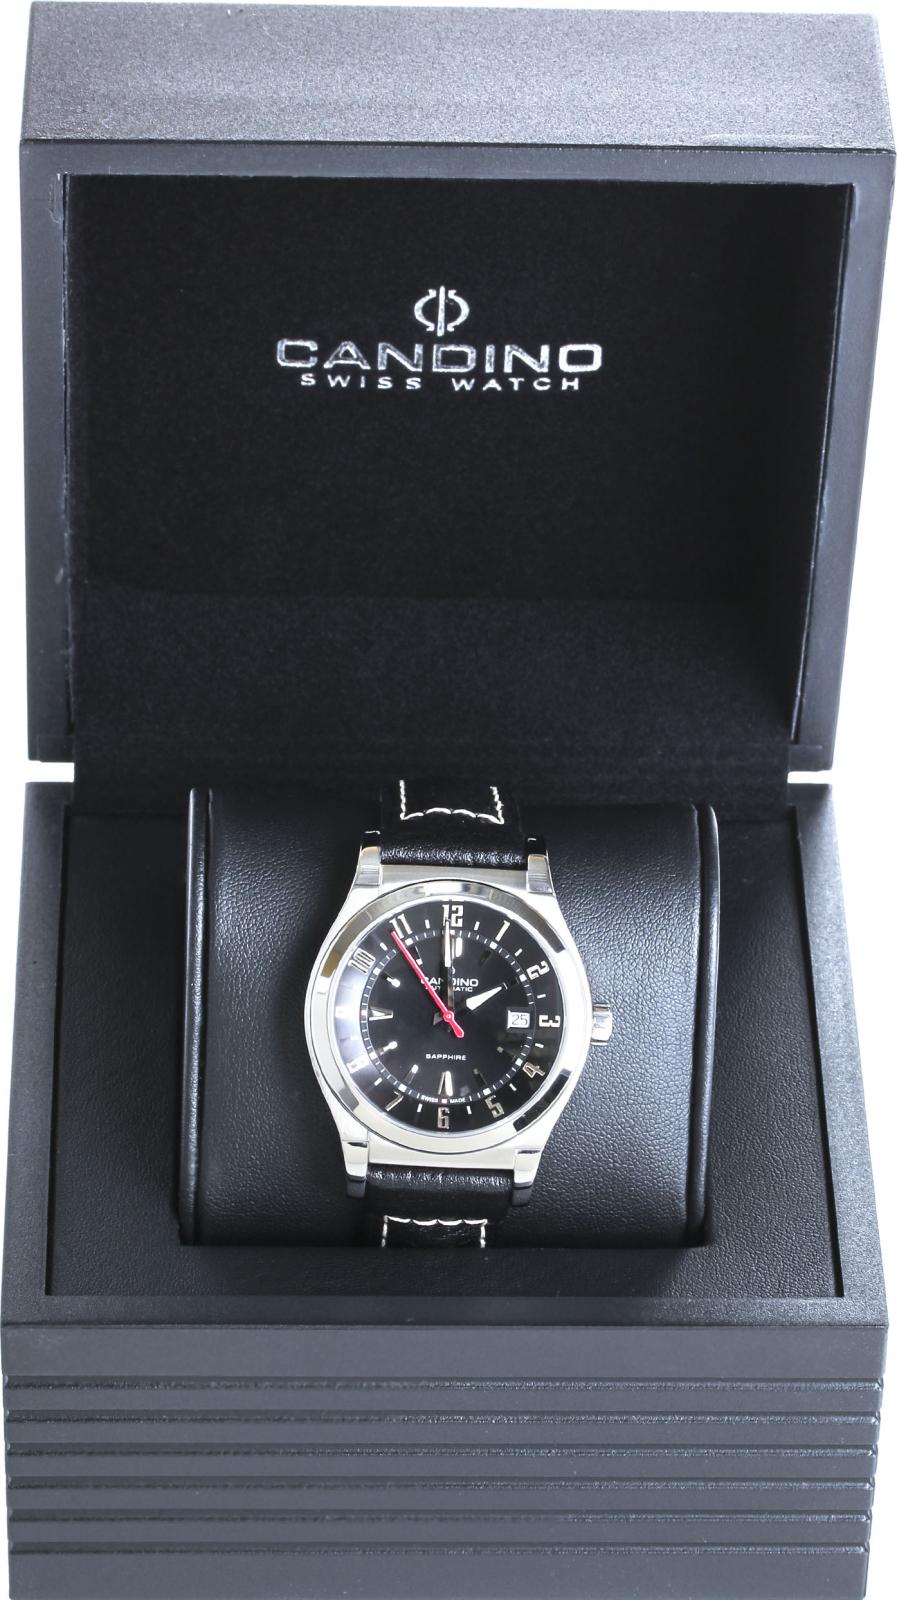 Candino Street Rider C4441/5Наручные часы<br>Швейцарские часы Candino Street Rider C4441/5Данная модель &amp;mdash; яркий представитель коллекции Street Rider. Это великолепные мужские часы. Материал корпуса часов &amp;mdash; сталь. Циферблат часов защищает сапфировое стекло. Водозащита - 100 м.<br><br>Пол: Мужские<br>Страна-производитель: Швейцария<br>Механизм: Механический<br>Материал корпуса: Сталь<br>Материал ремня/браслета: Кожа<br>Водозащита, диапазон: 100 - 150 м<br>Стекло: Сапфировое<br>Толщина корпуса: None<br>Стиль: None